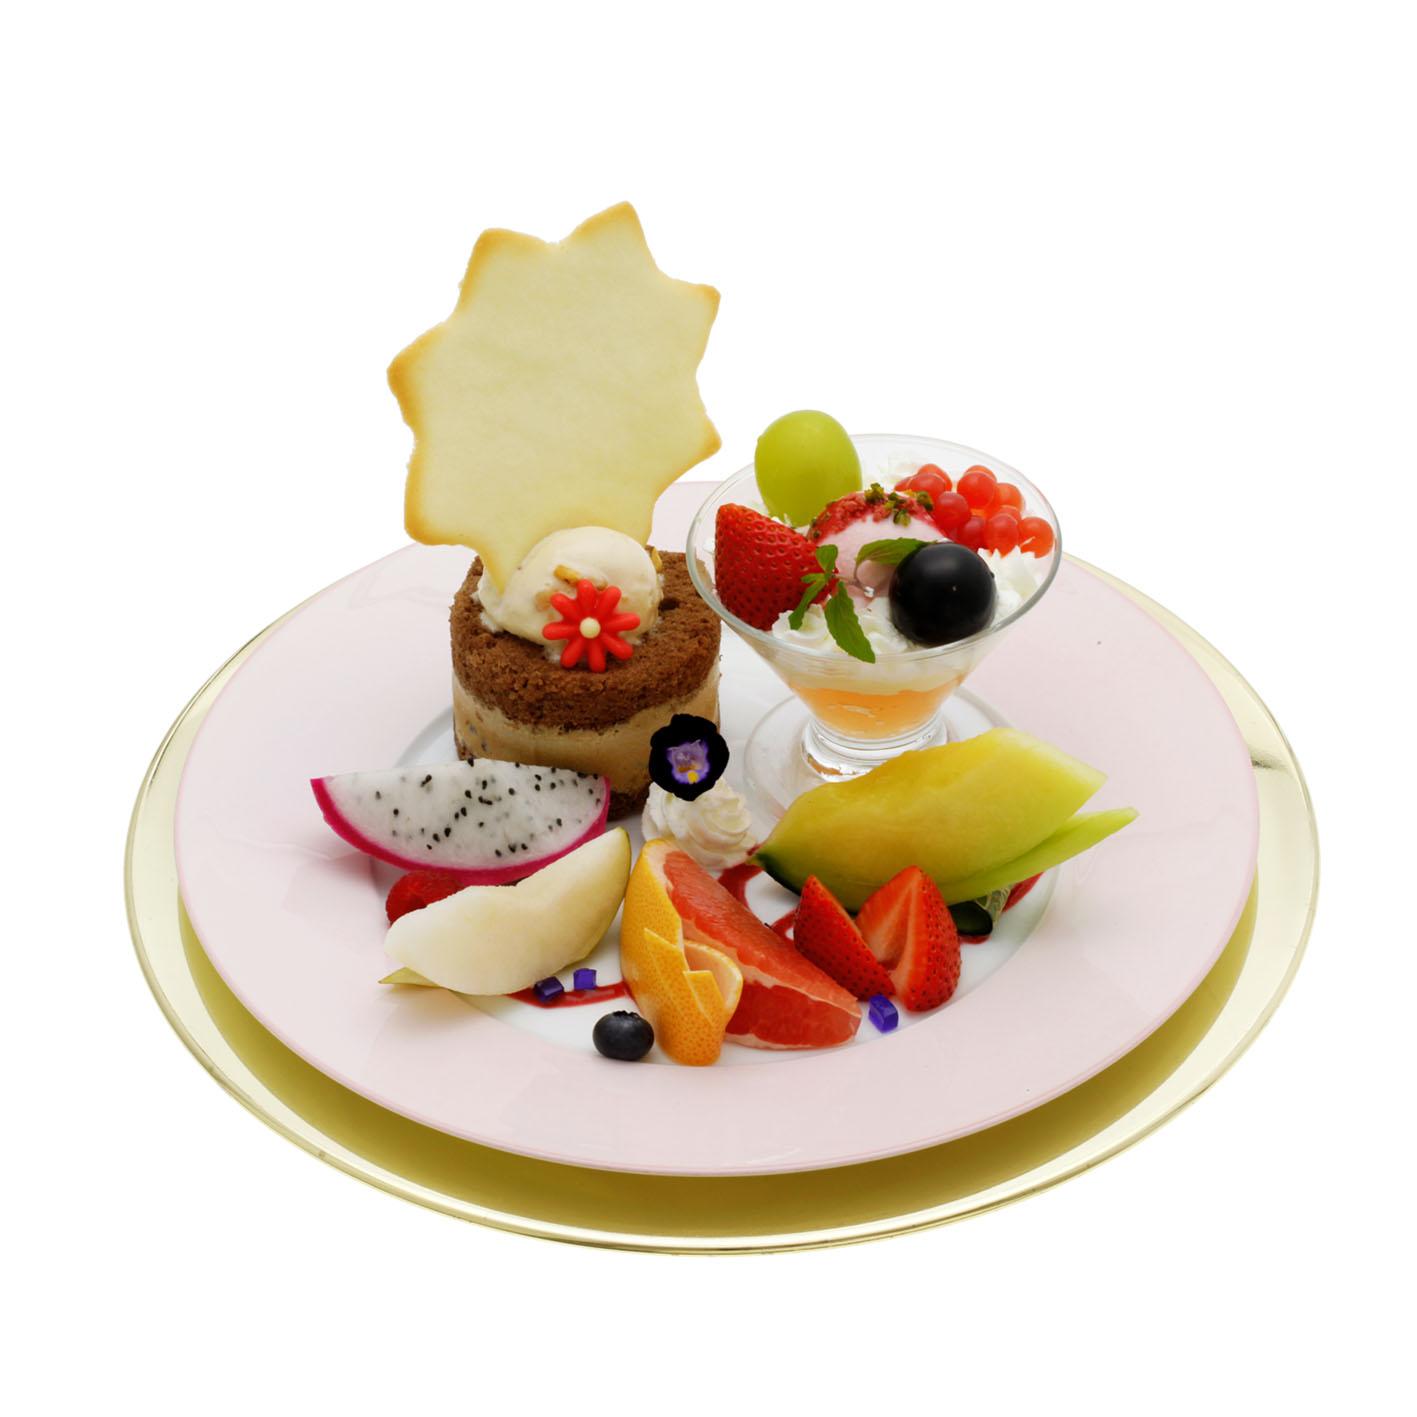 イタリアンプレート (ヌガーアイス・チュイル・エスプレッソパルフェ、夏のミニパフェ、フレッシュフルーツ)